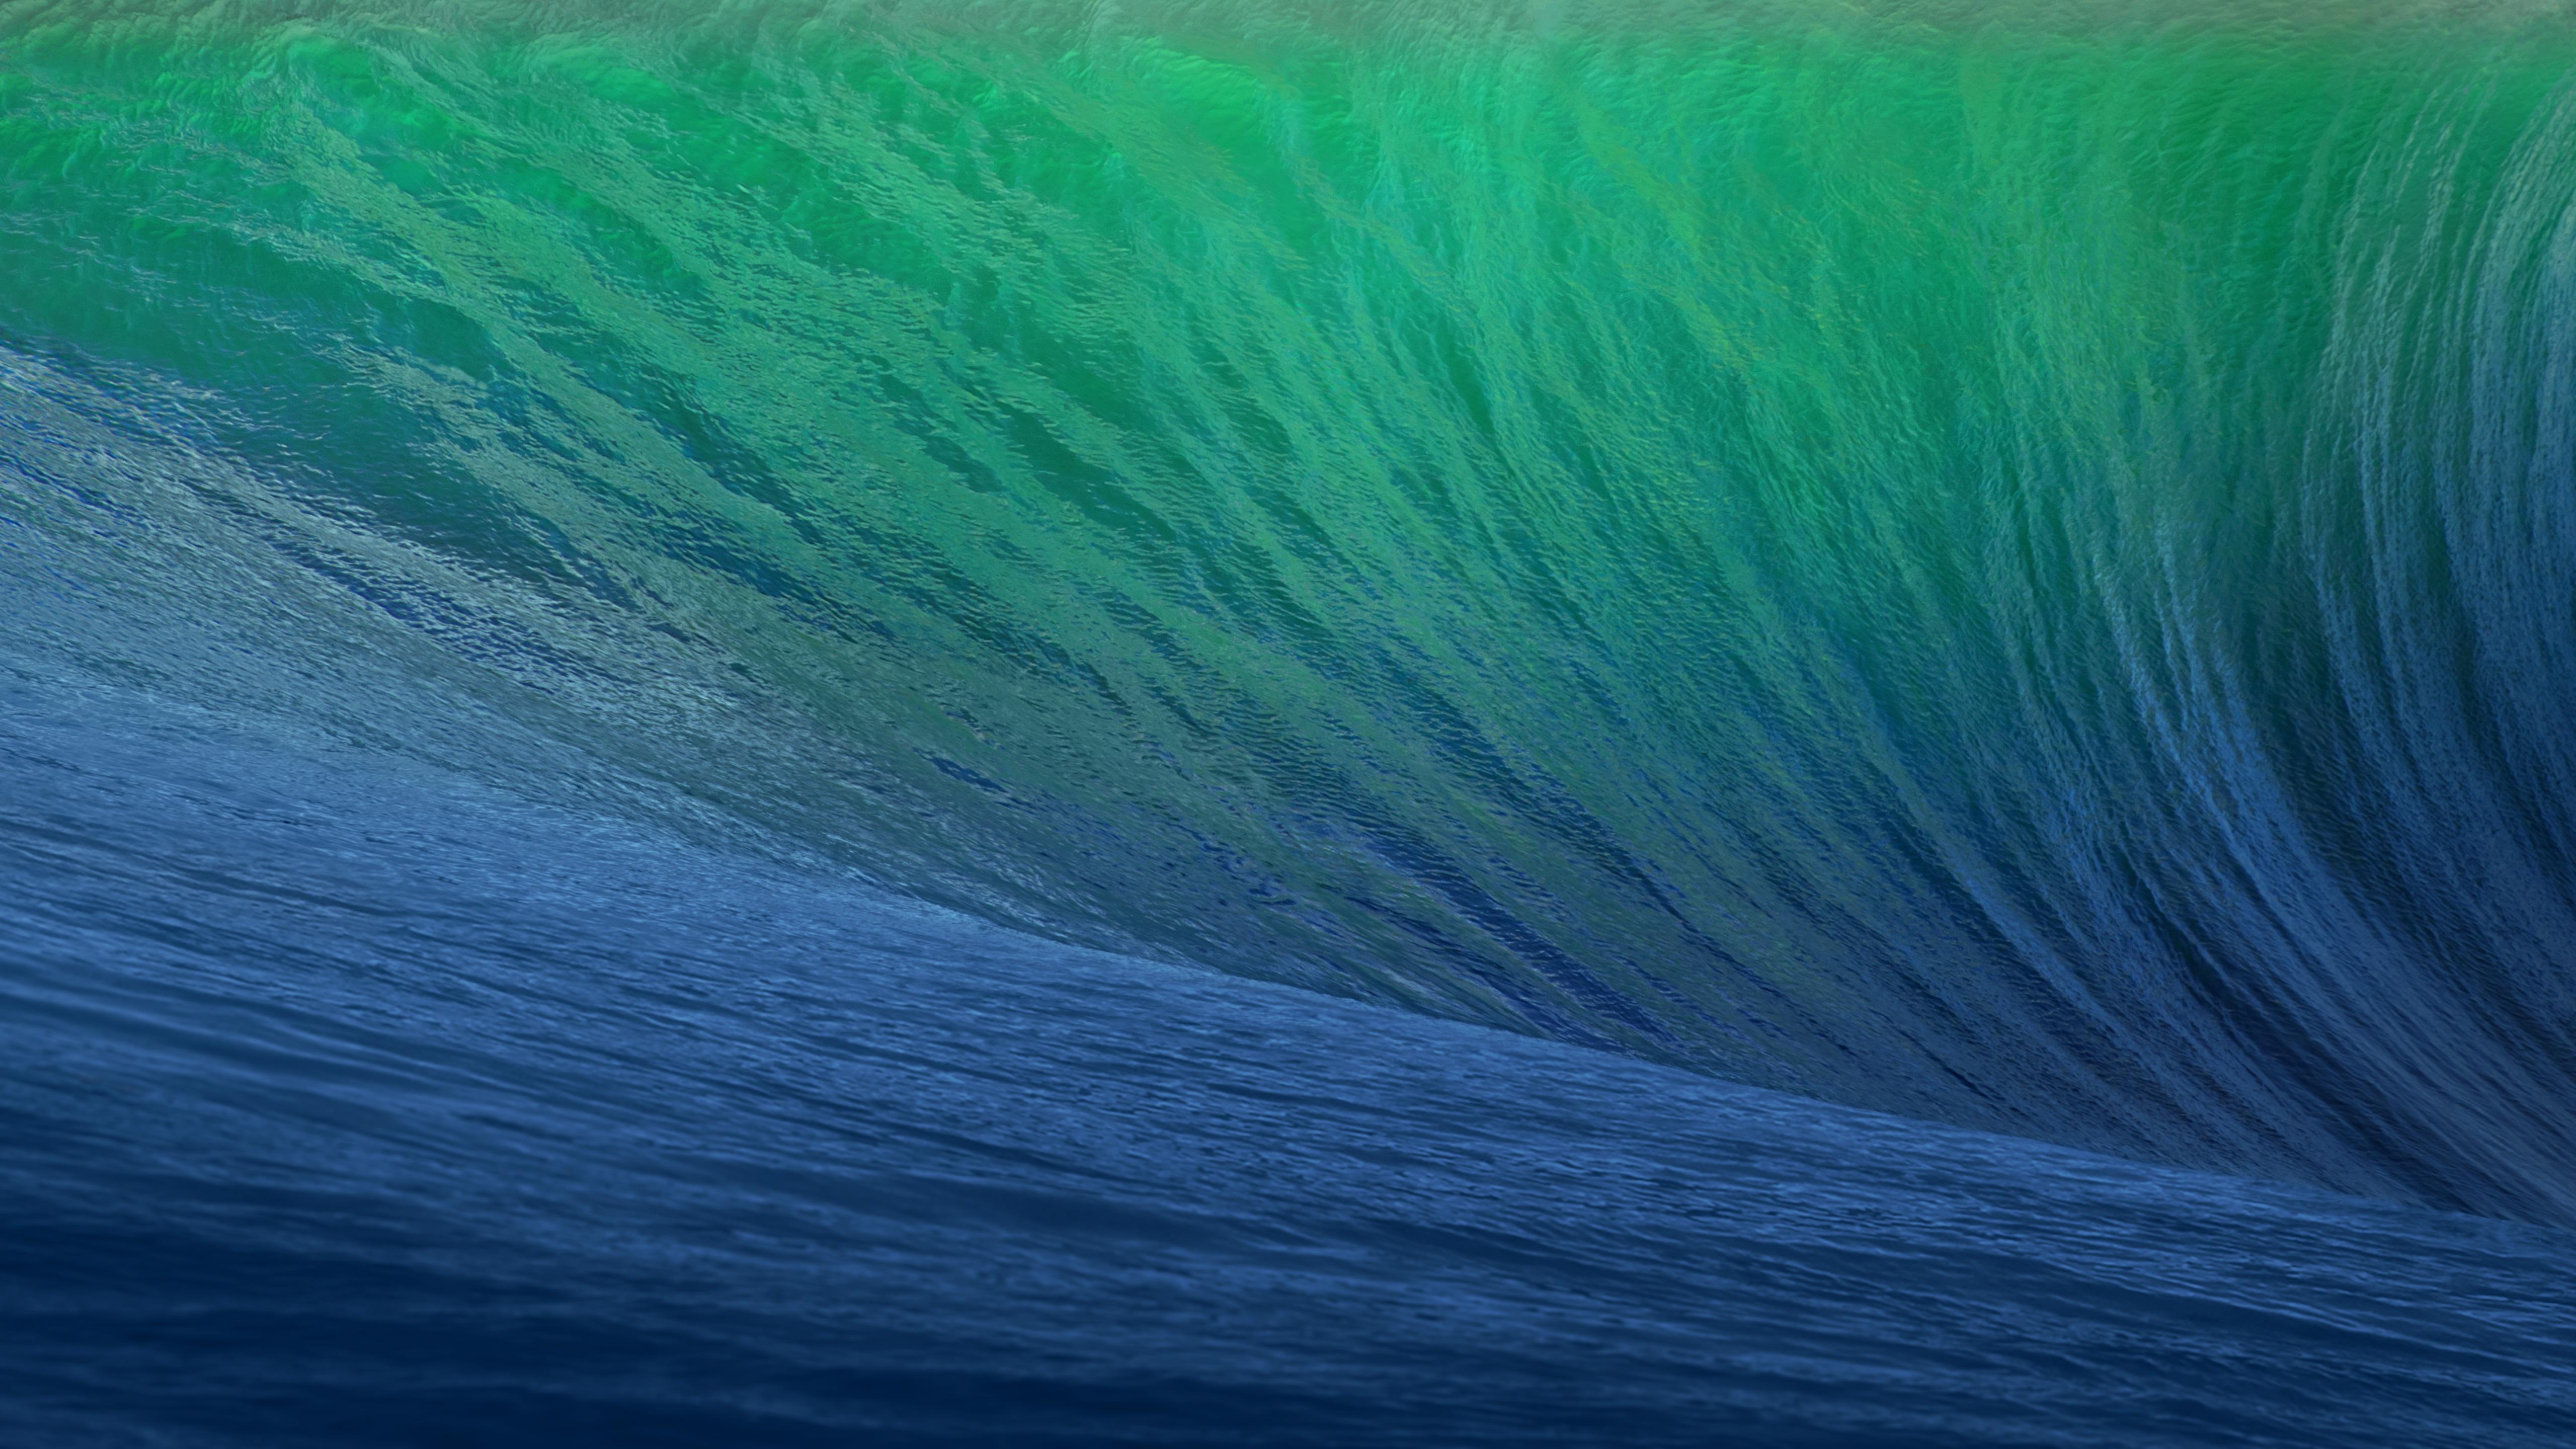 Wallpaper do OS X Mavericks Developer Preview